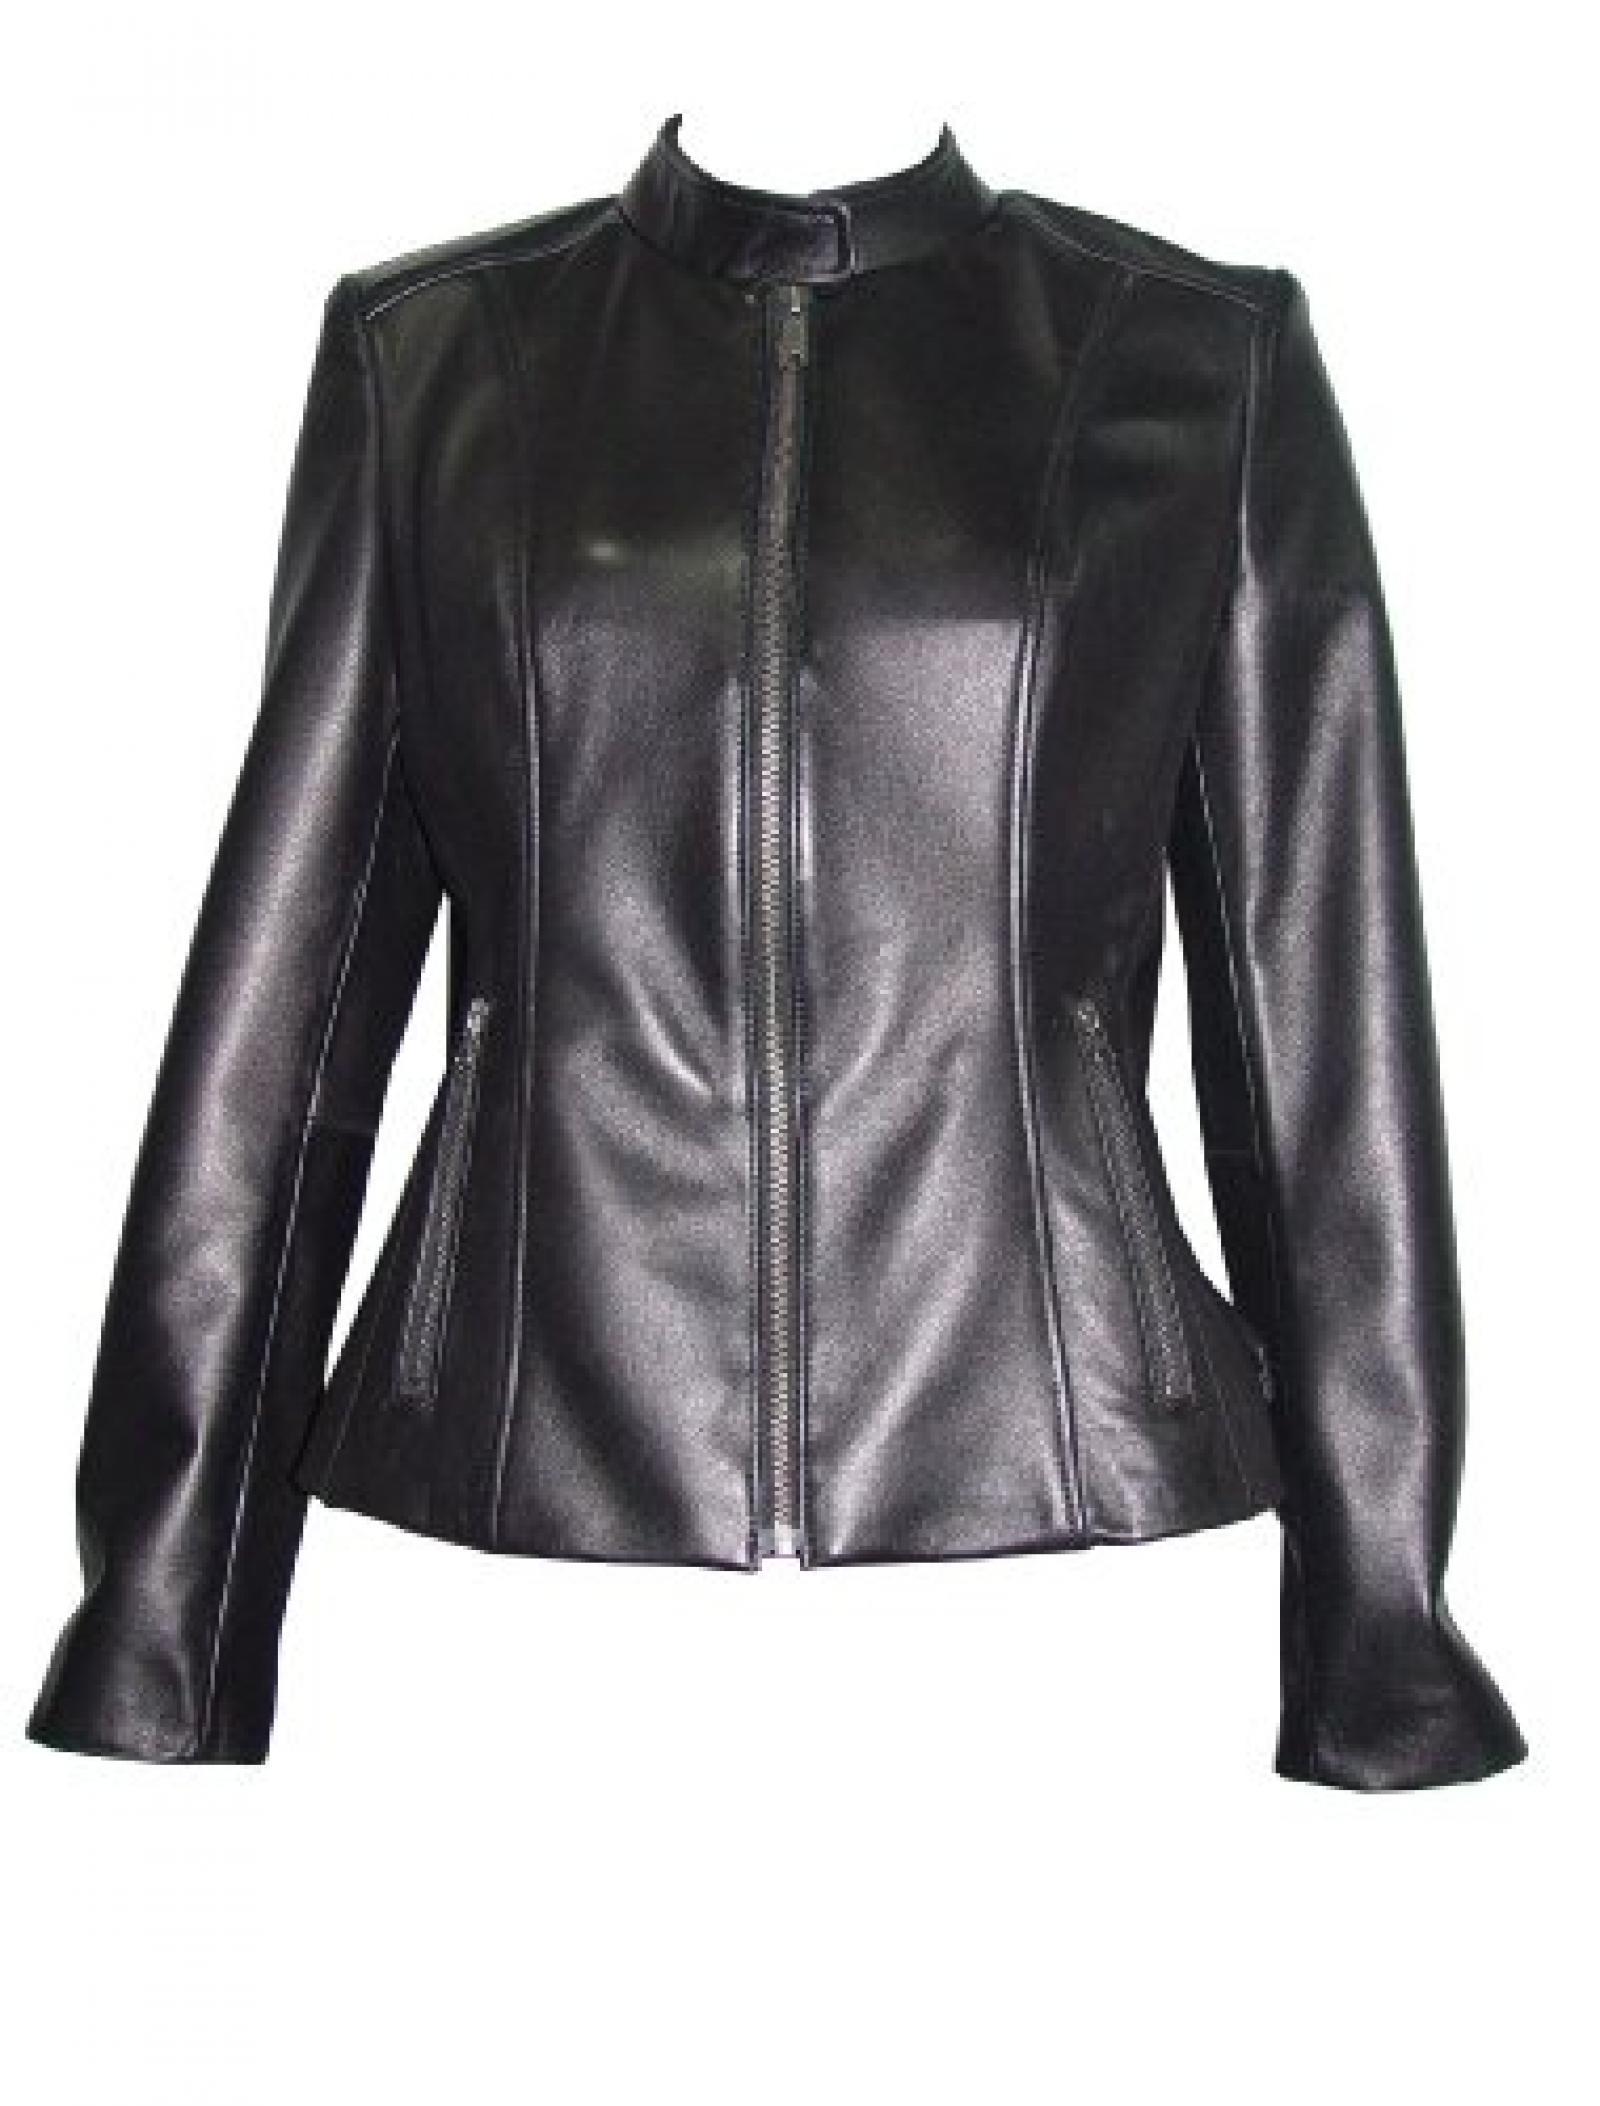 Nettailor Women PLUS SIZE 4062 Lamb Leather Motorcycle biker Jacket